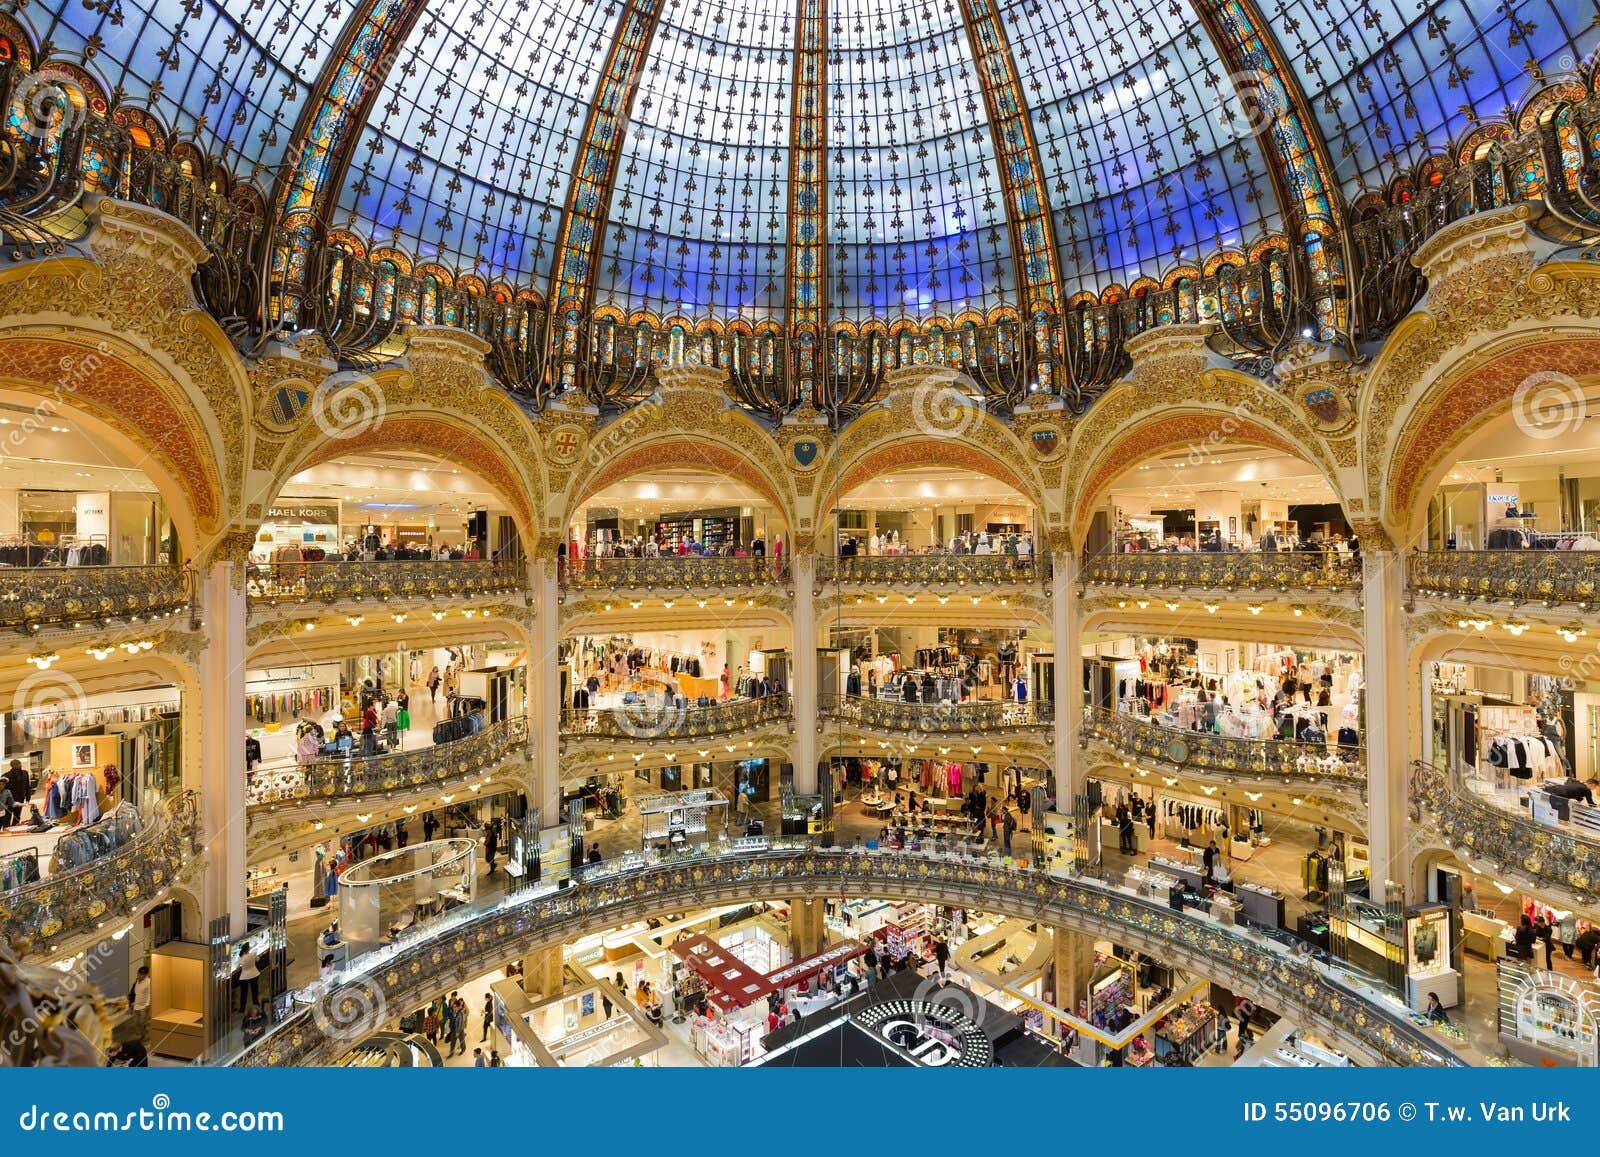 Les gens faisant des emplettes dans le magasin de luxe de lafayette de paris - Magasin de luxe londres ...